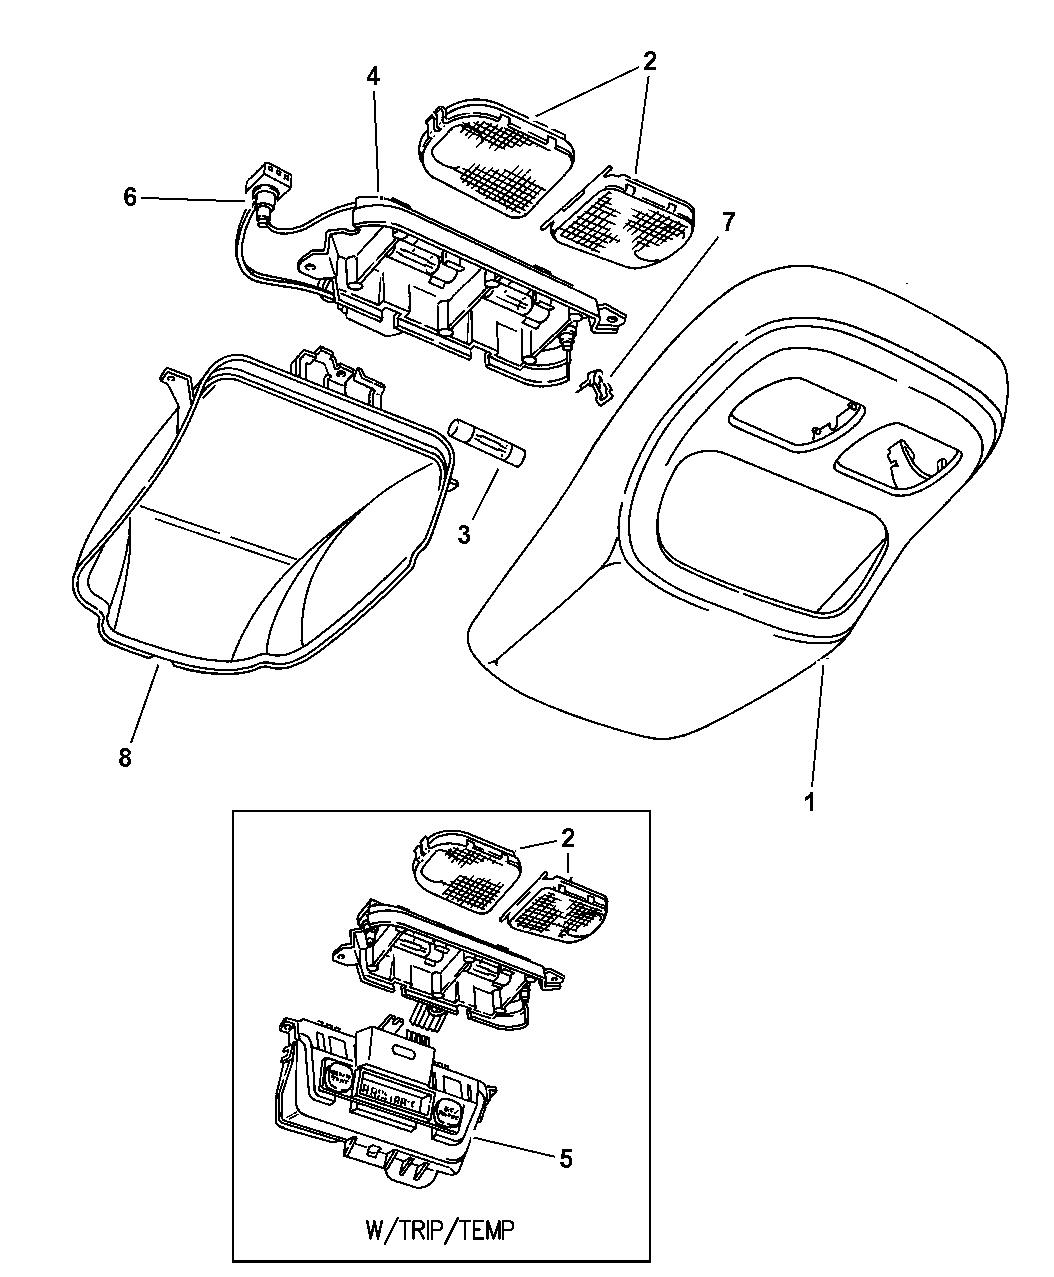 1997 Dodge Ram 1500 Overhead Console